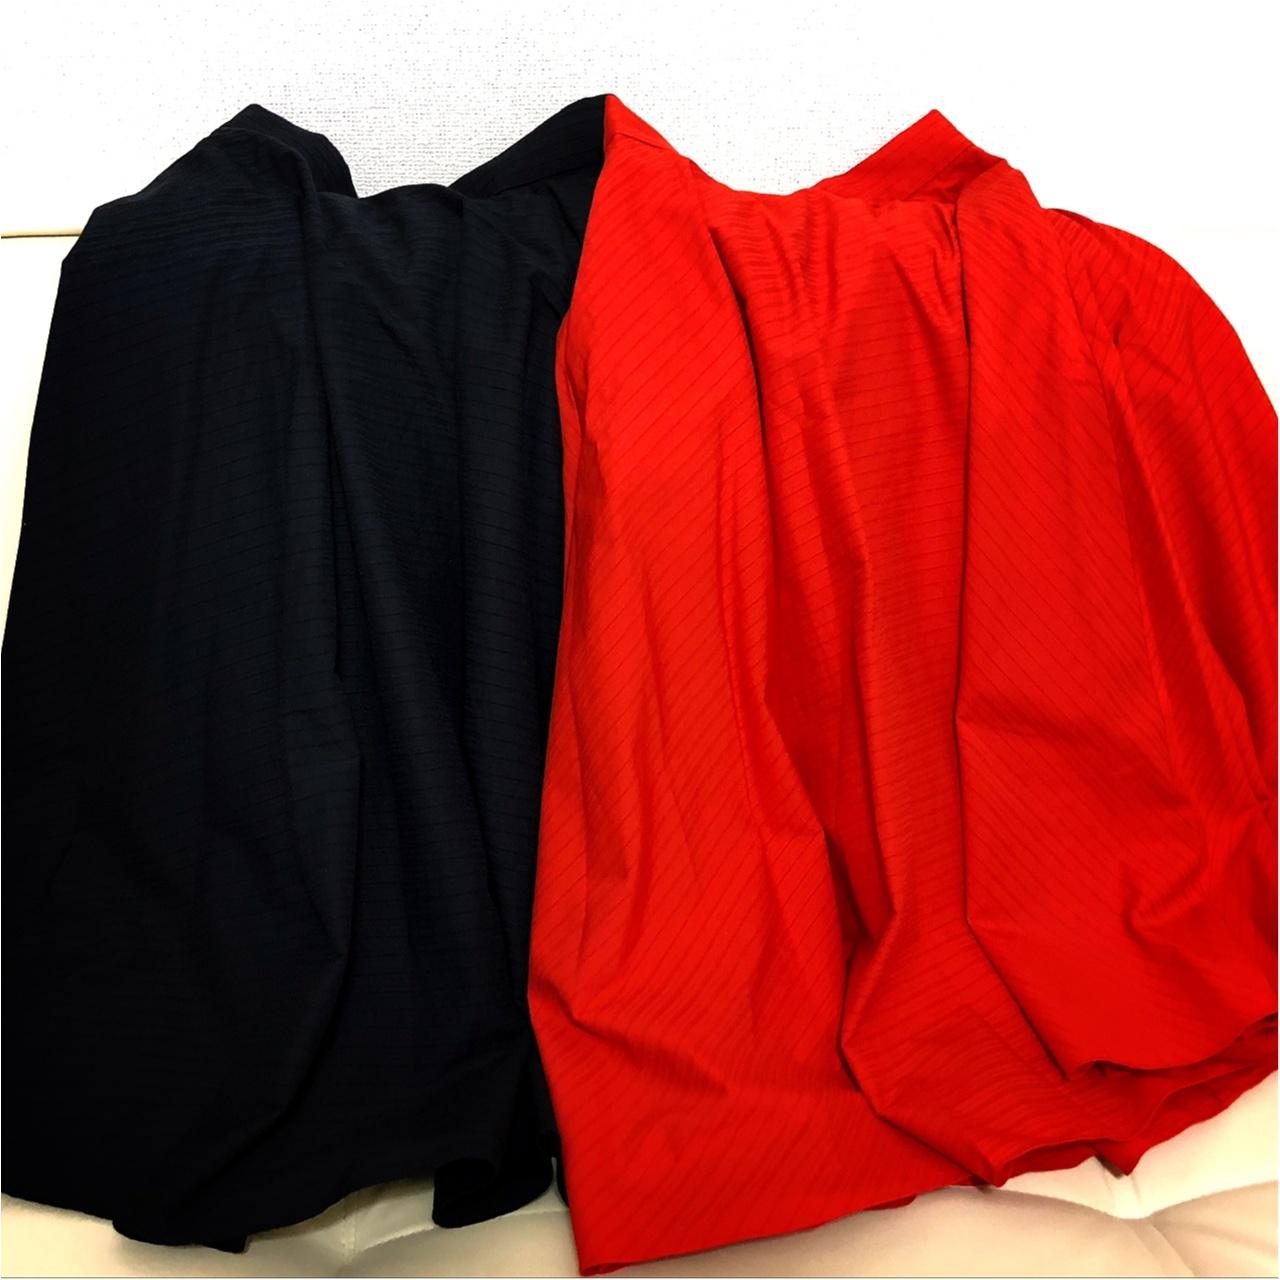 【春のユニクロ】買うなら今!限定価格のサーキュラースカートをイロチ買いしませんか?_1